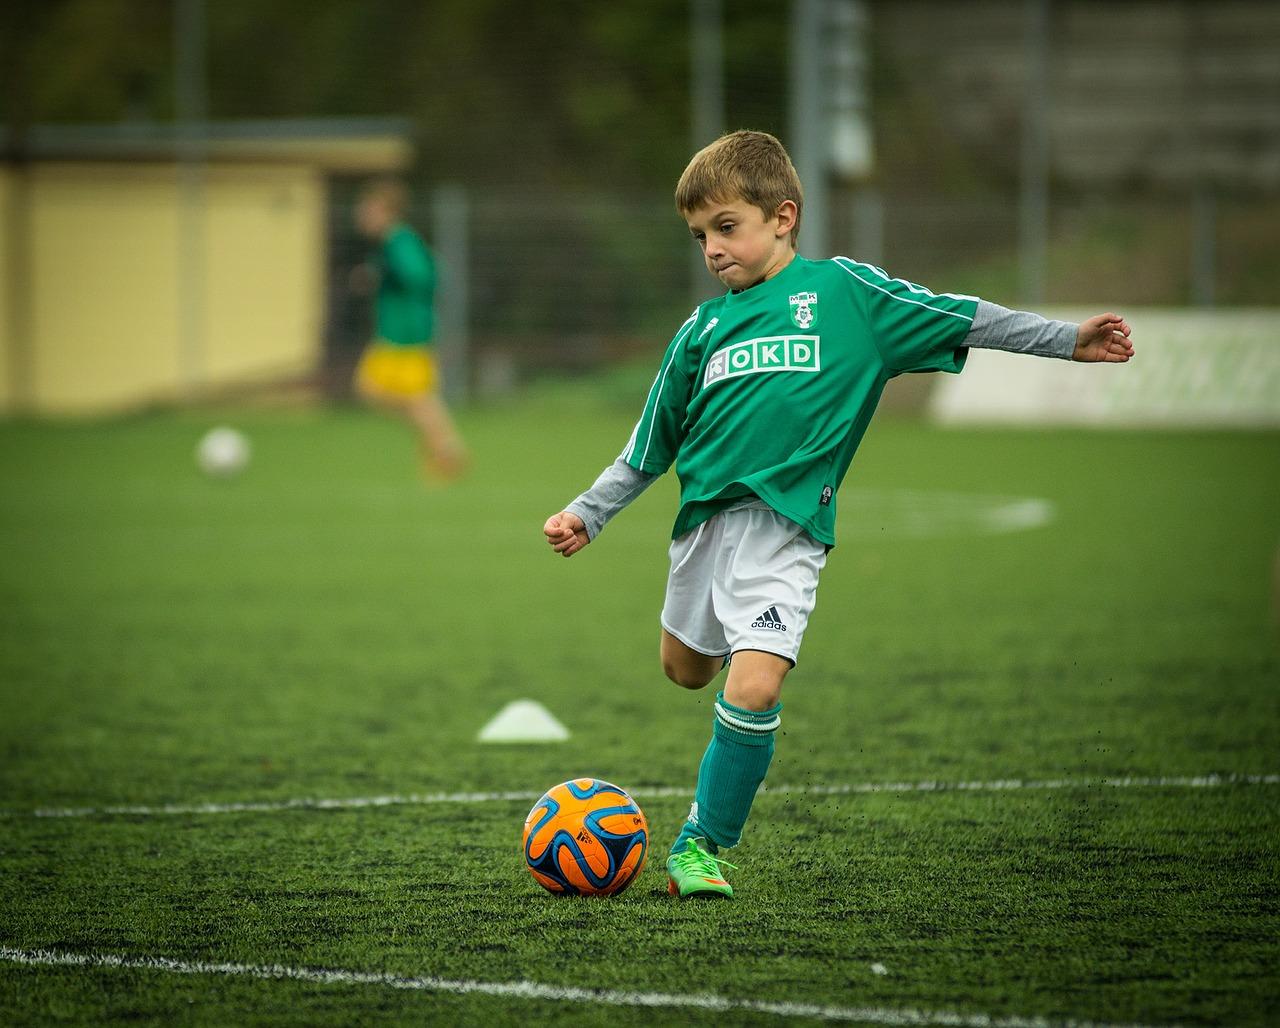 Fußball-Kind